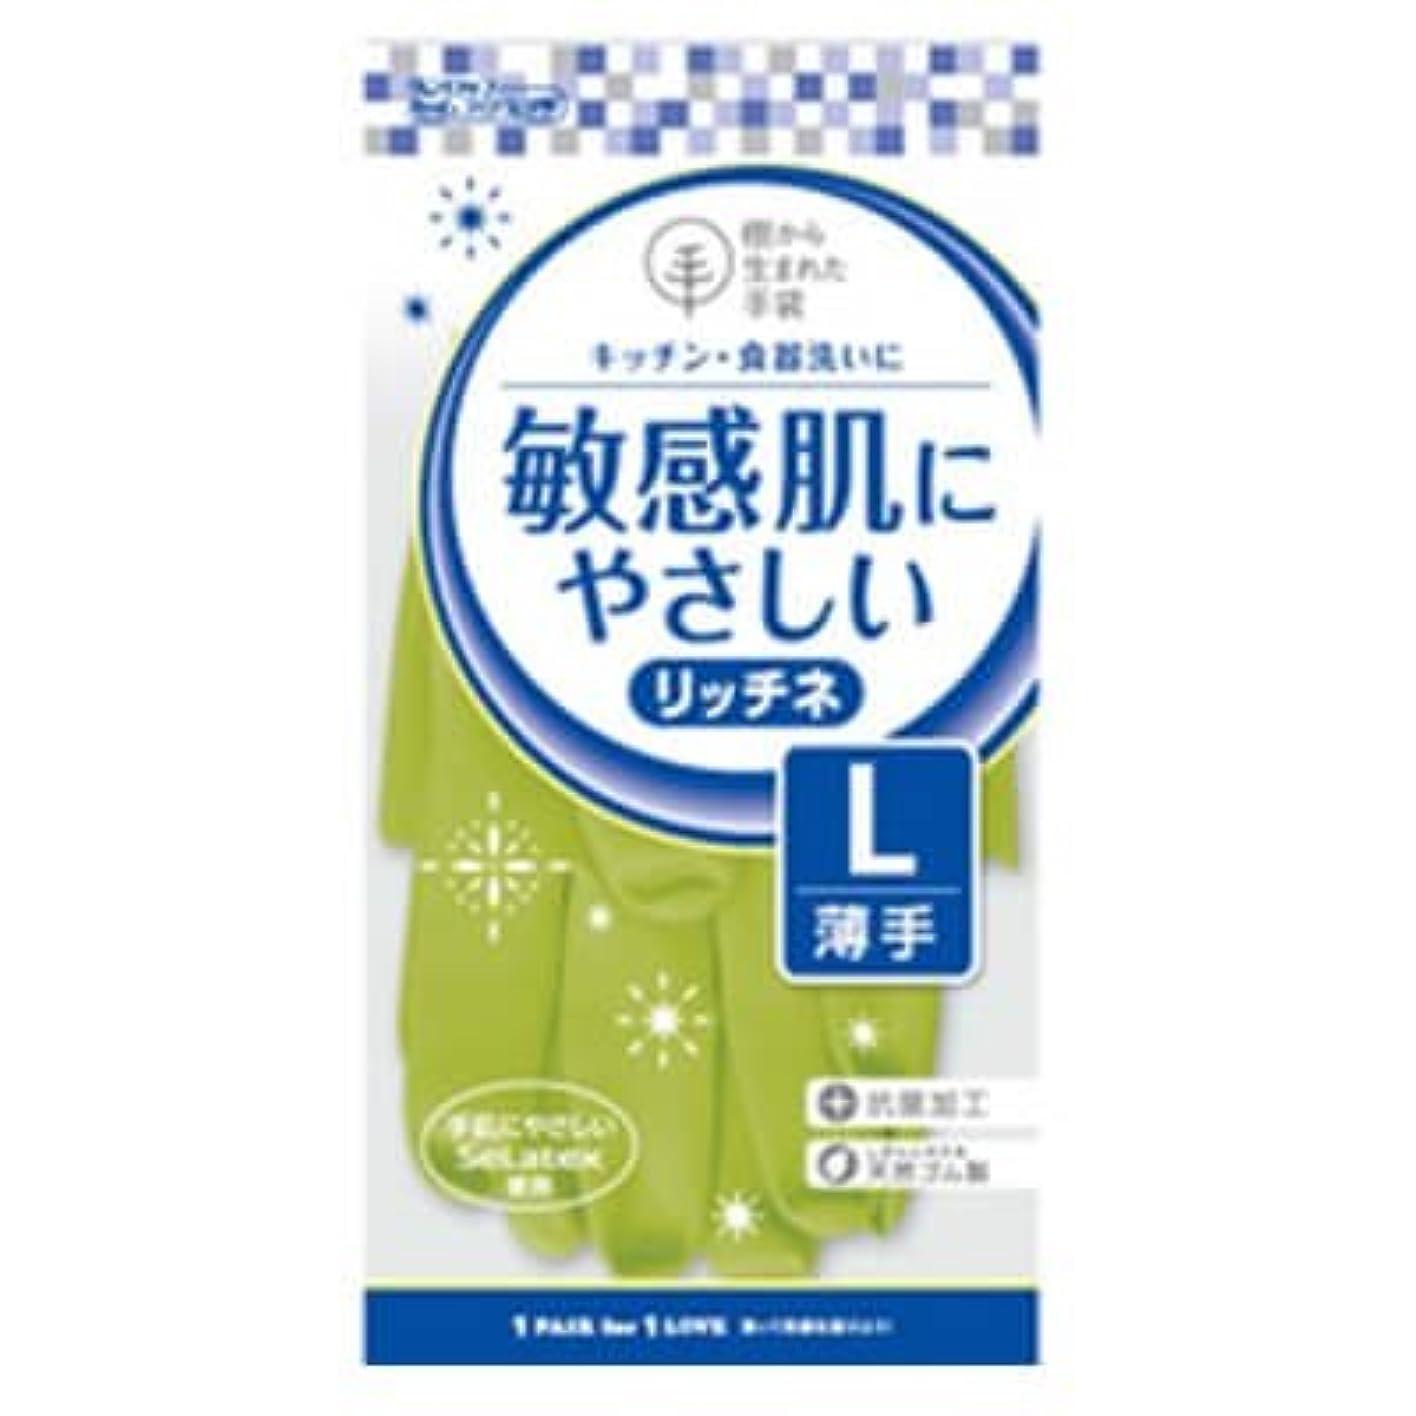 助けて分割時間【ケース販売】 ダンロップ 敏感肌にやさしい リッチネ 薄手 L グリーン (10双×24袋)